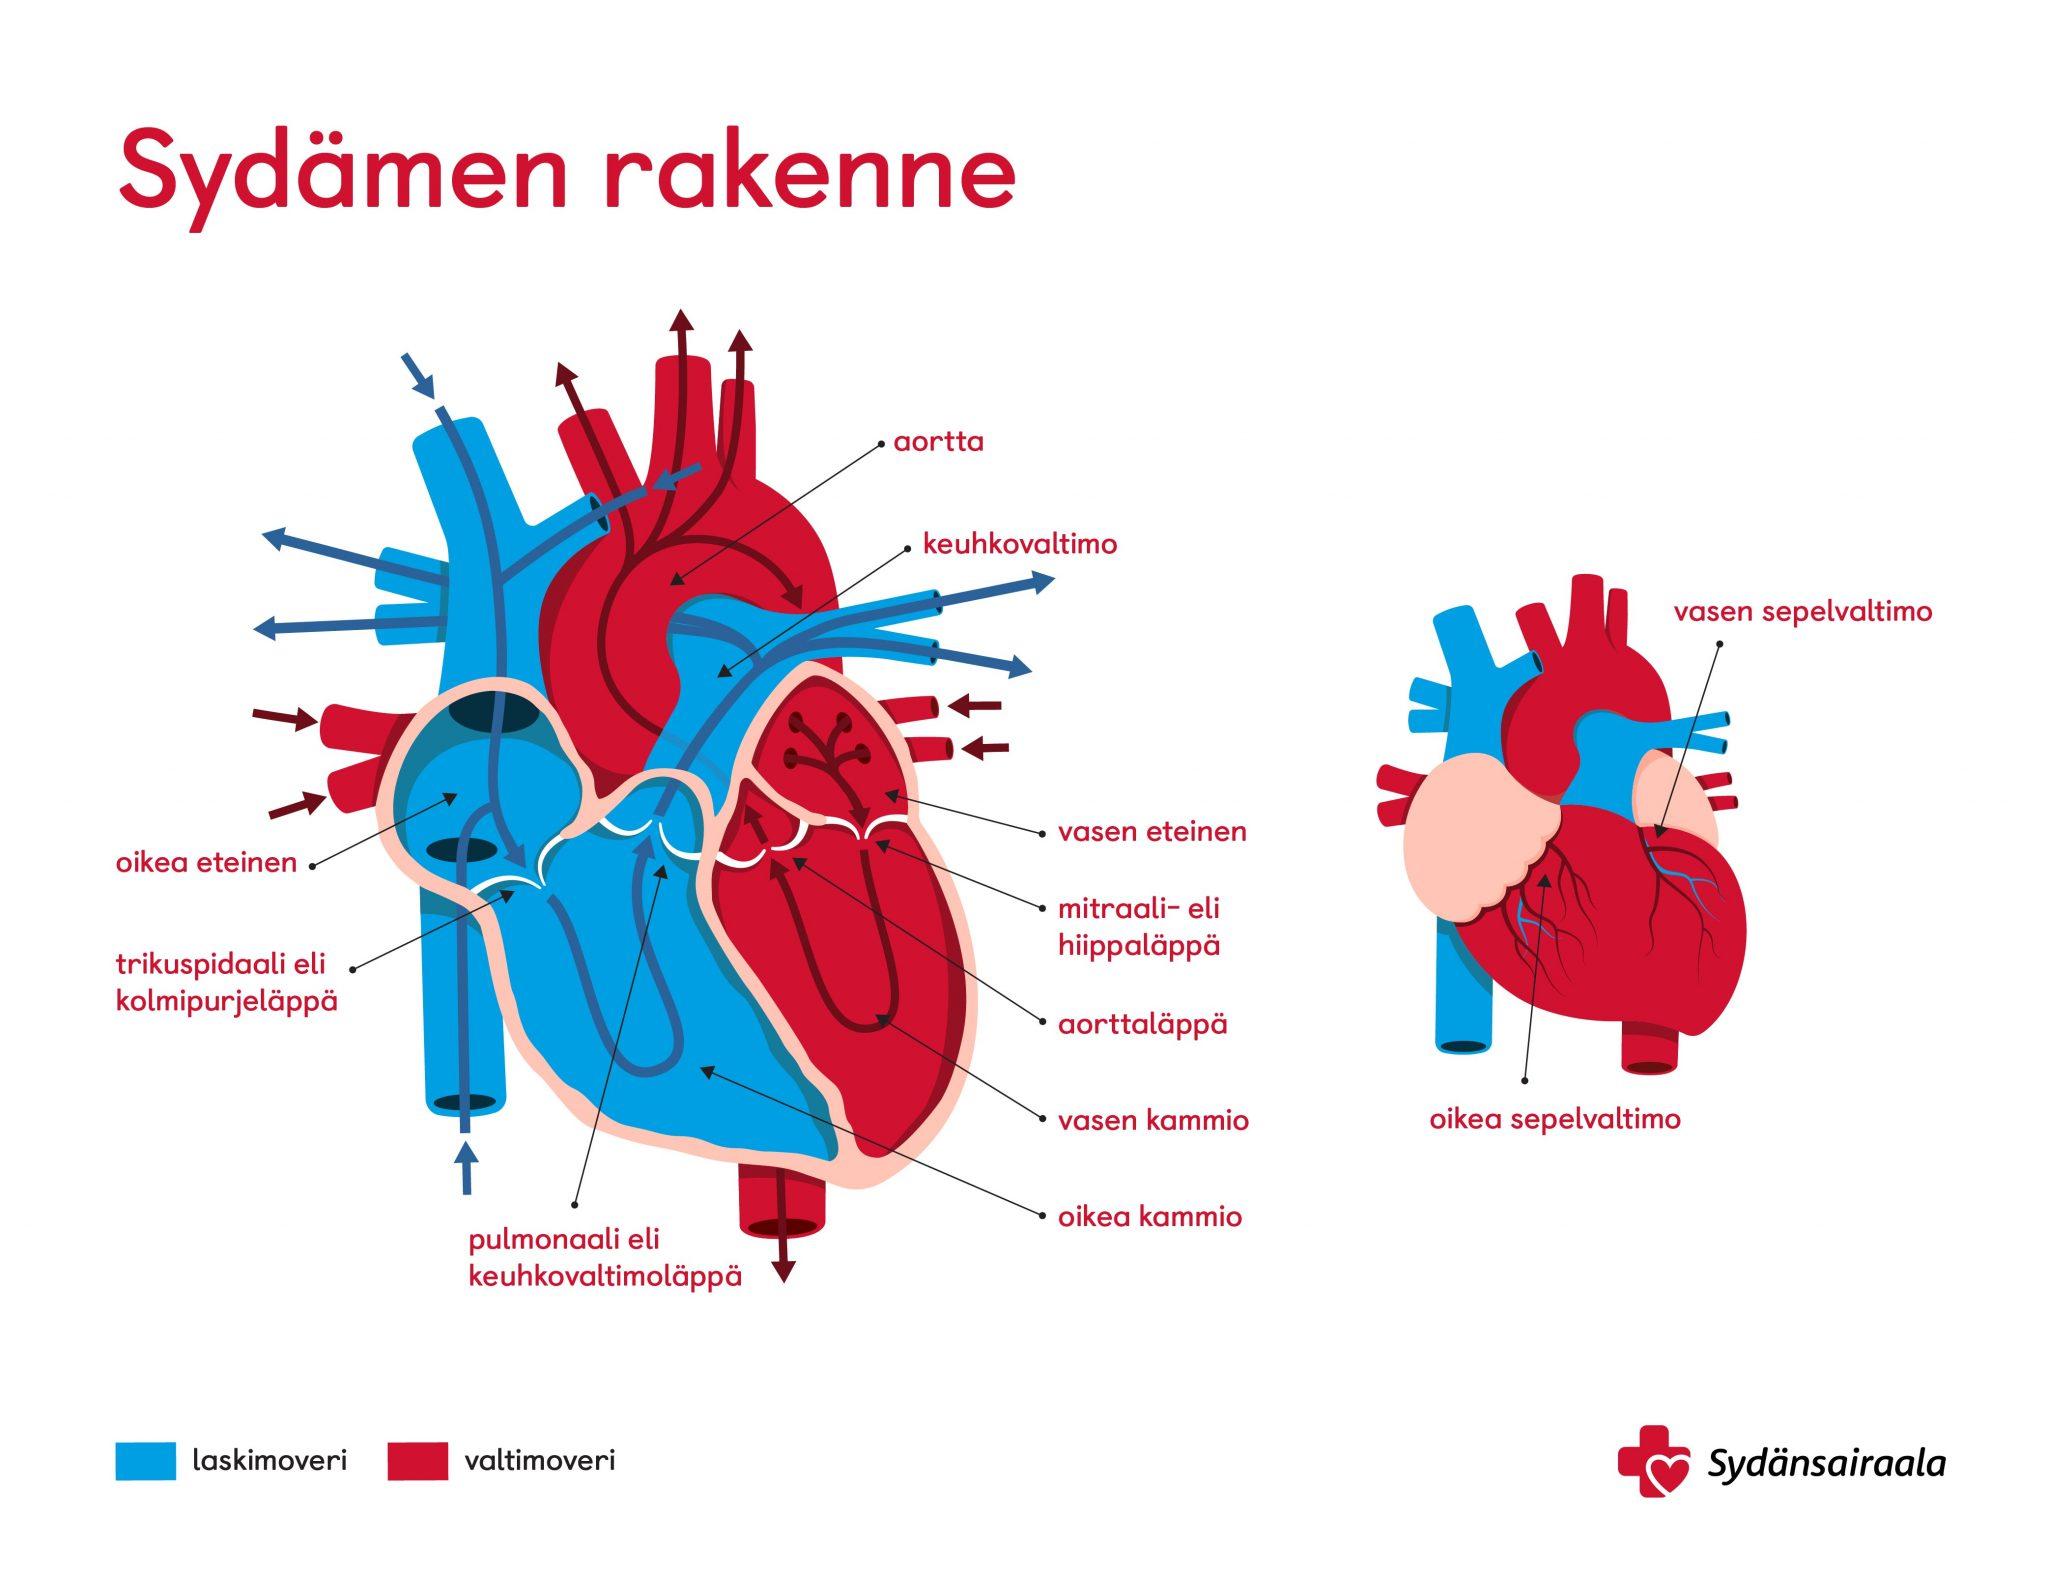 Sydämen rakenne - Sydänsairaala - Asiantuntija-artikkeli